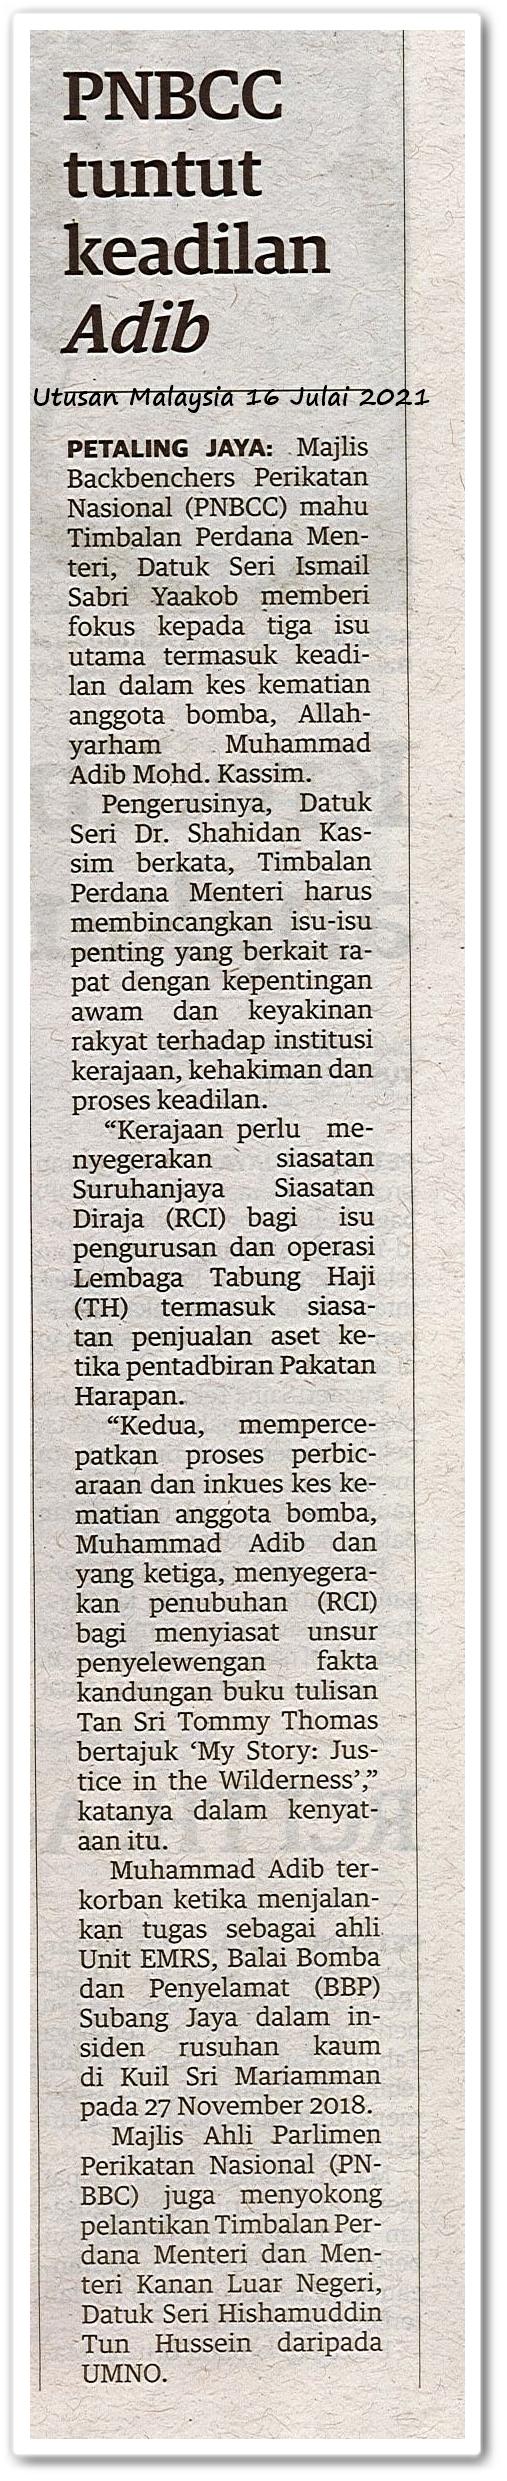 PNBCC tuntut keadilan Adib - Keratan akhbar Utusan Malaysia 16 Julai 2021